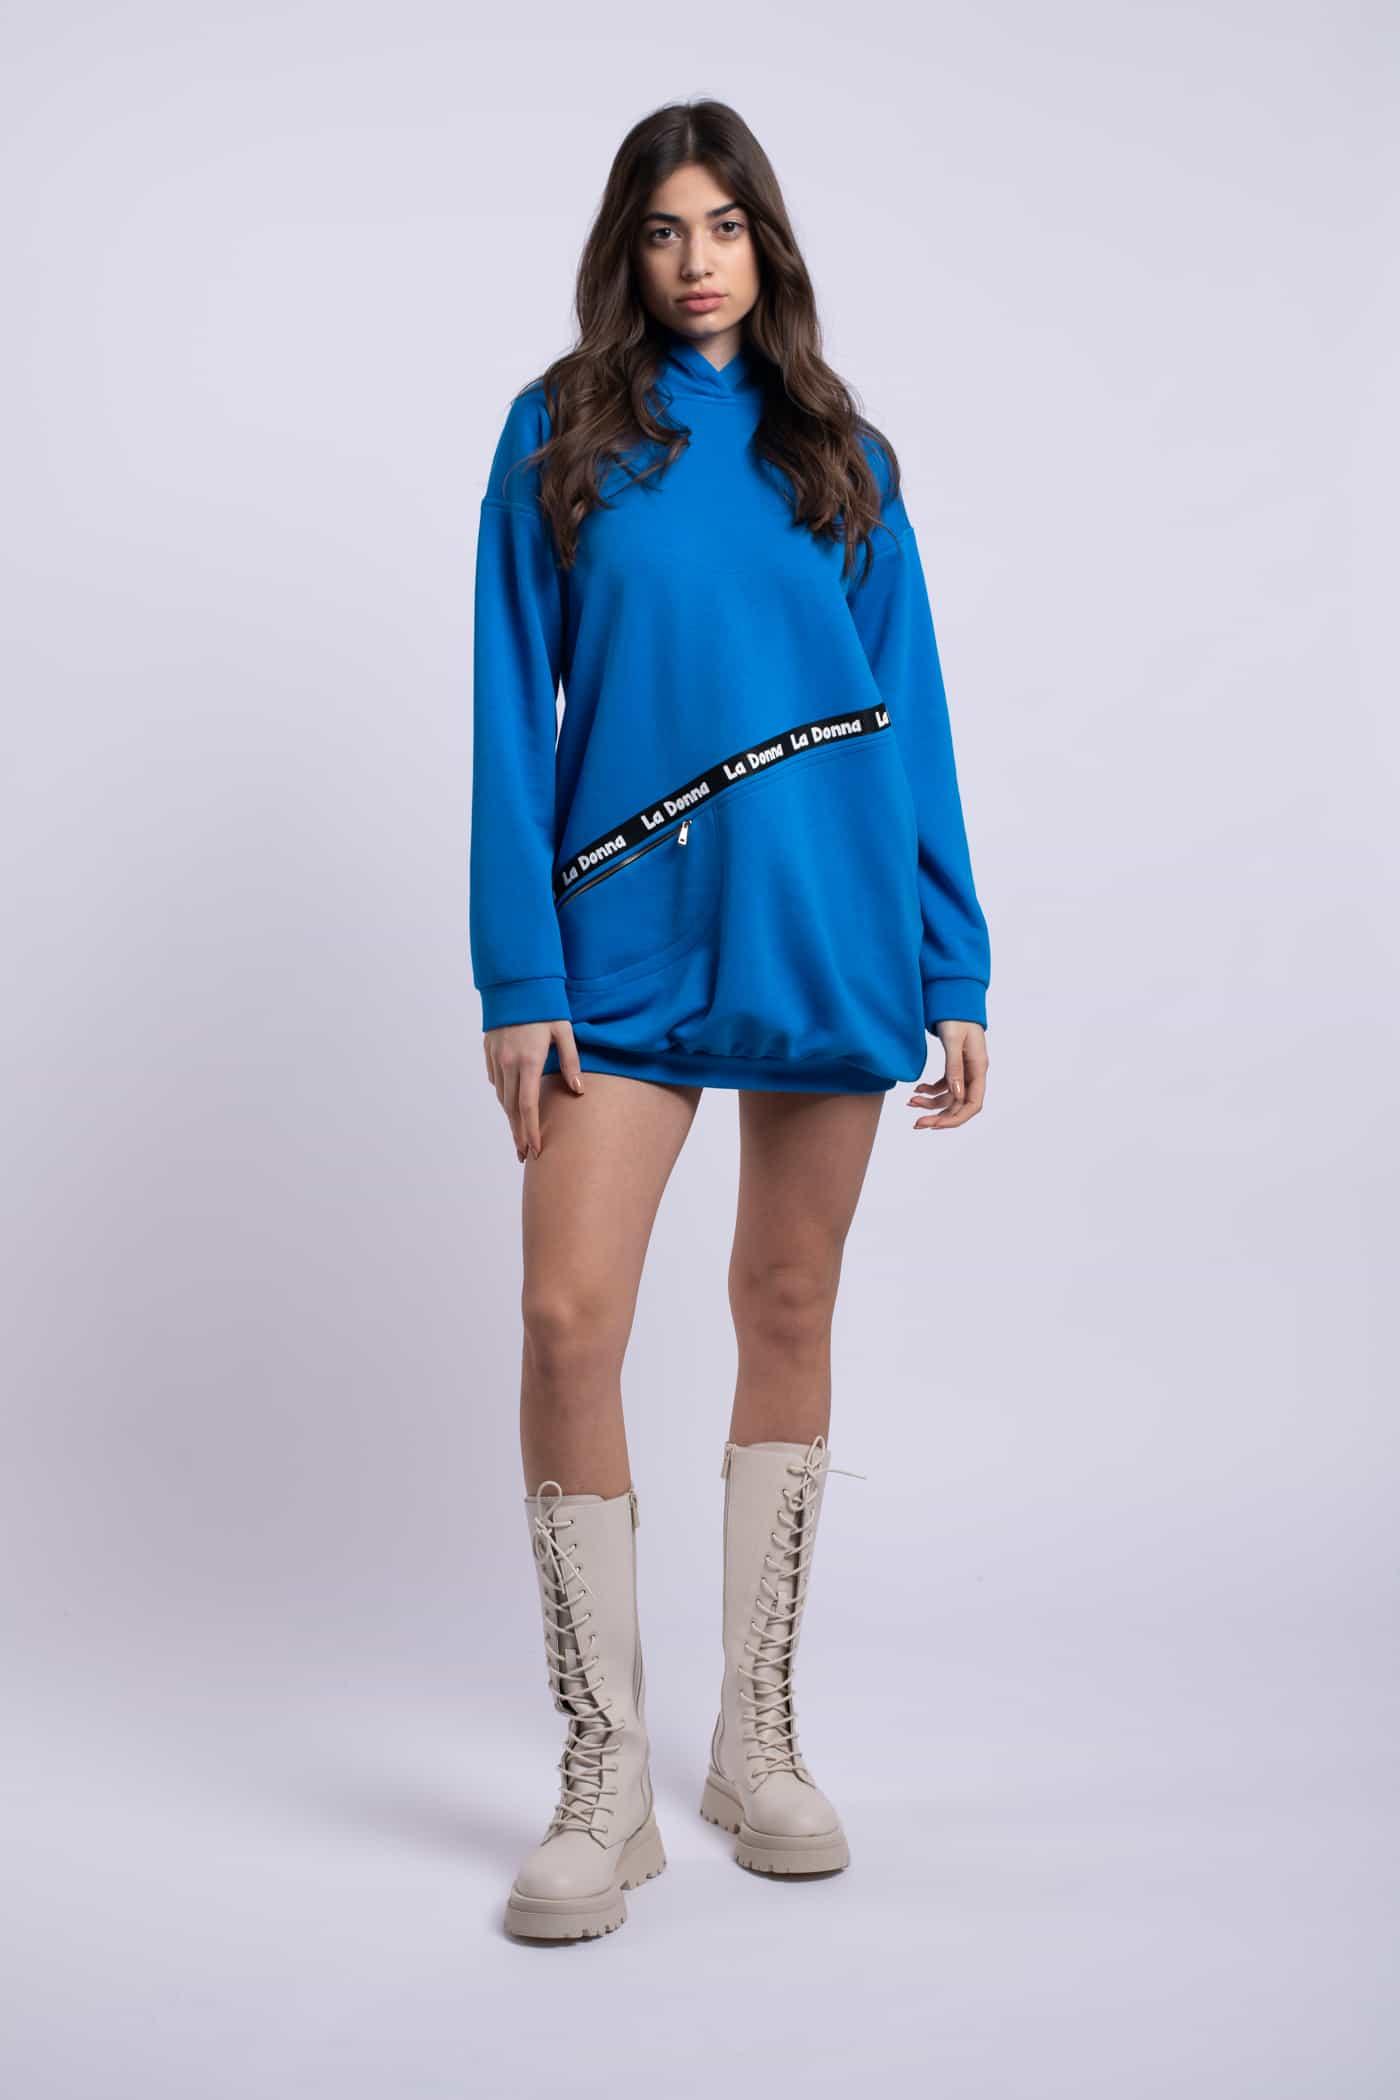 rochie ladonna albastruelectric